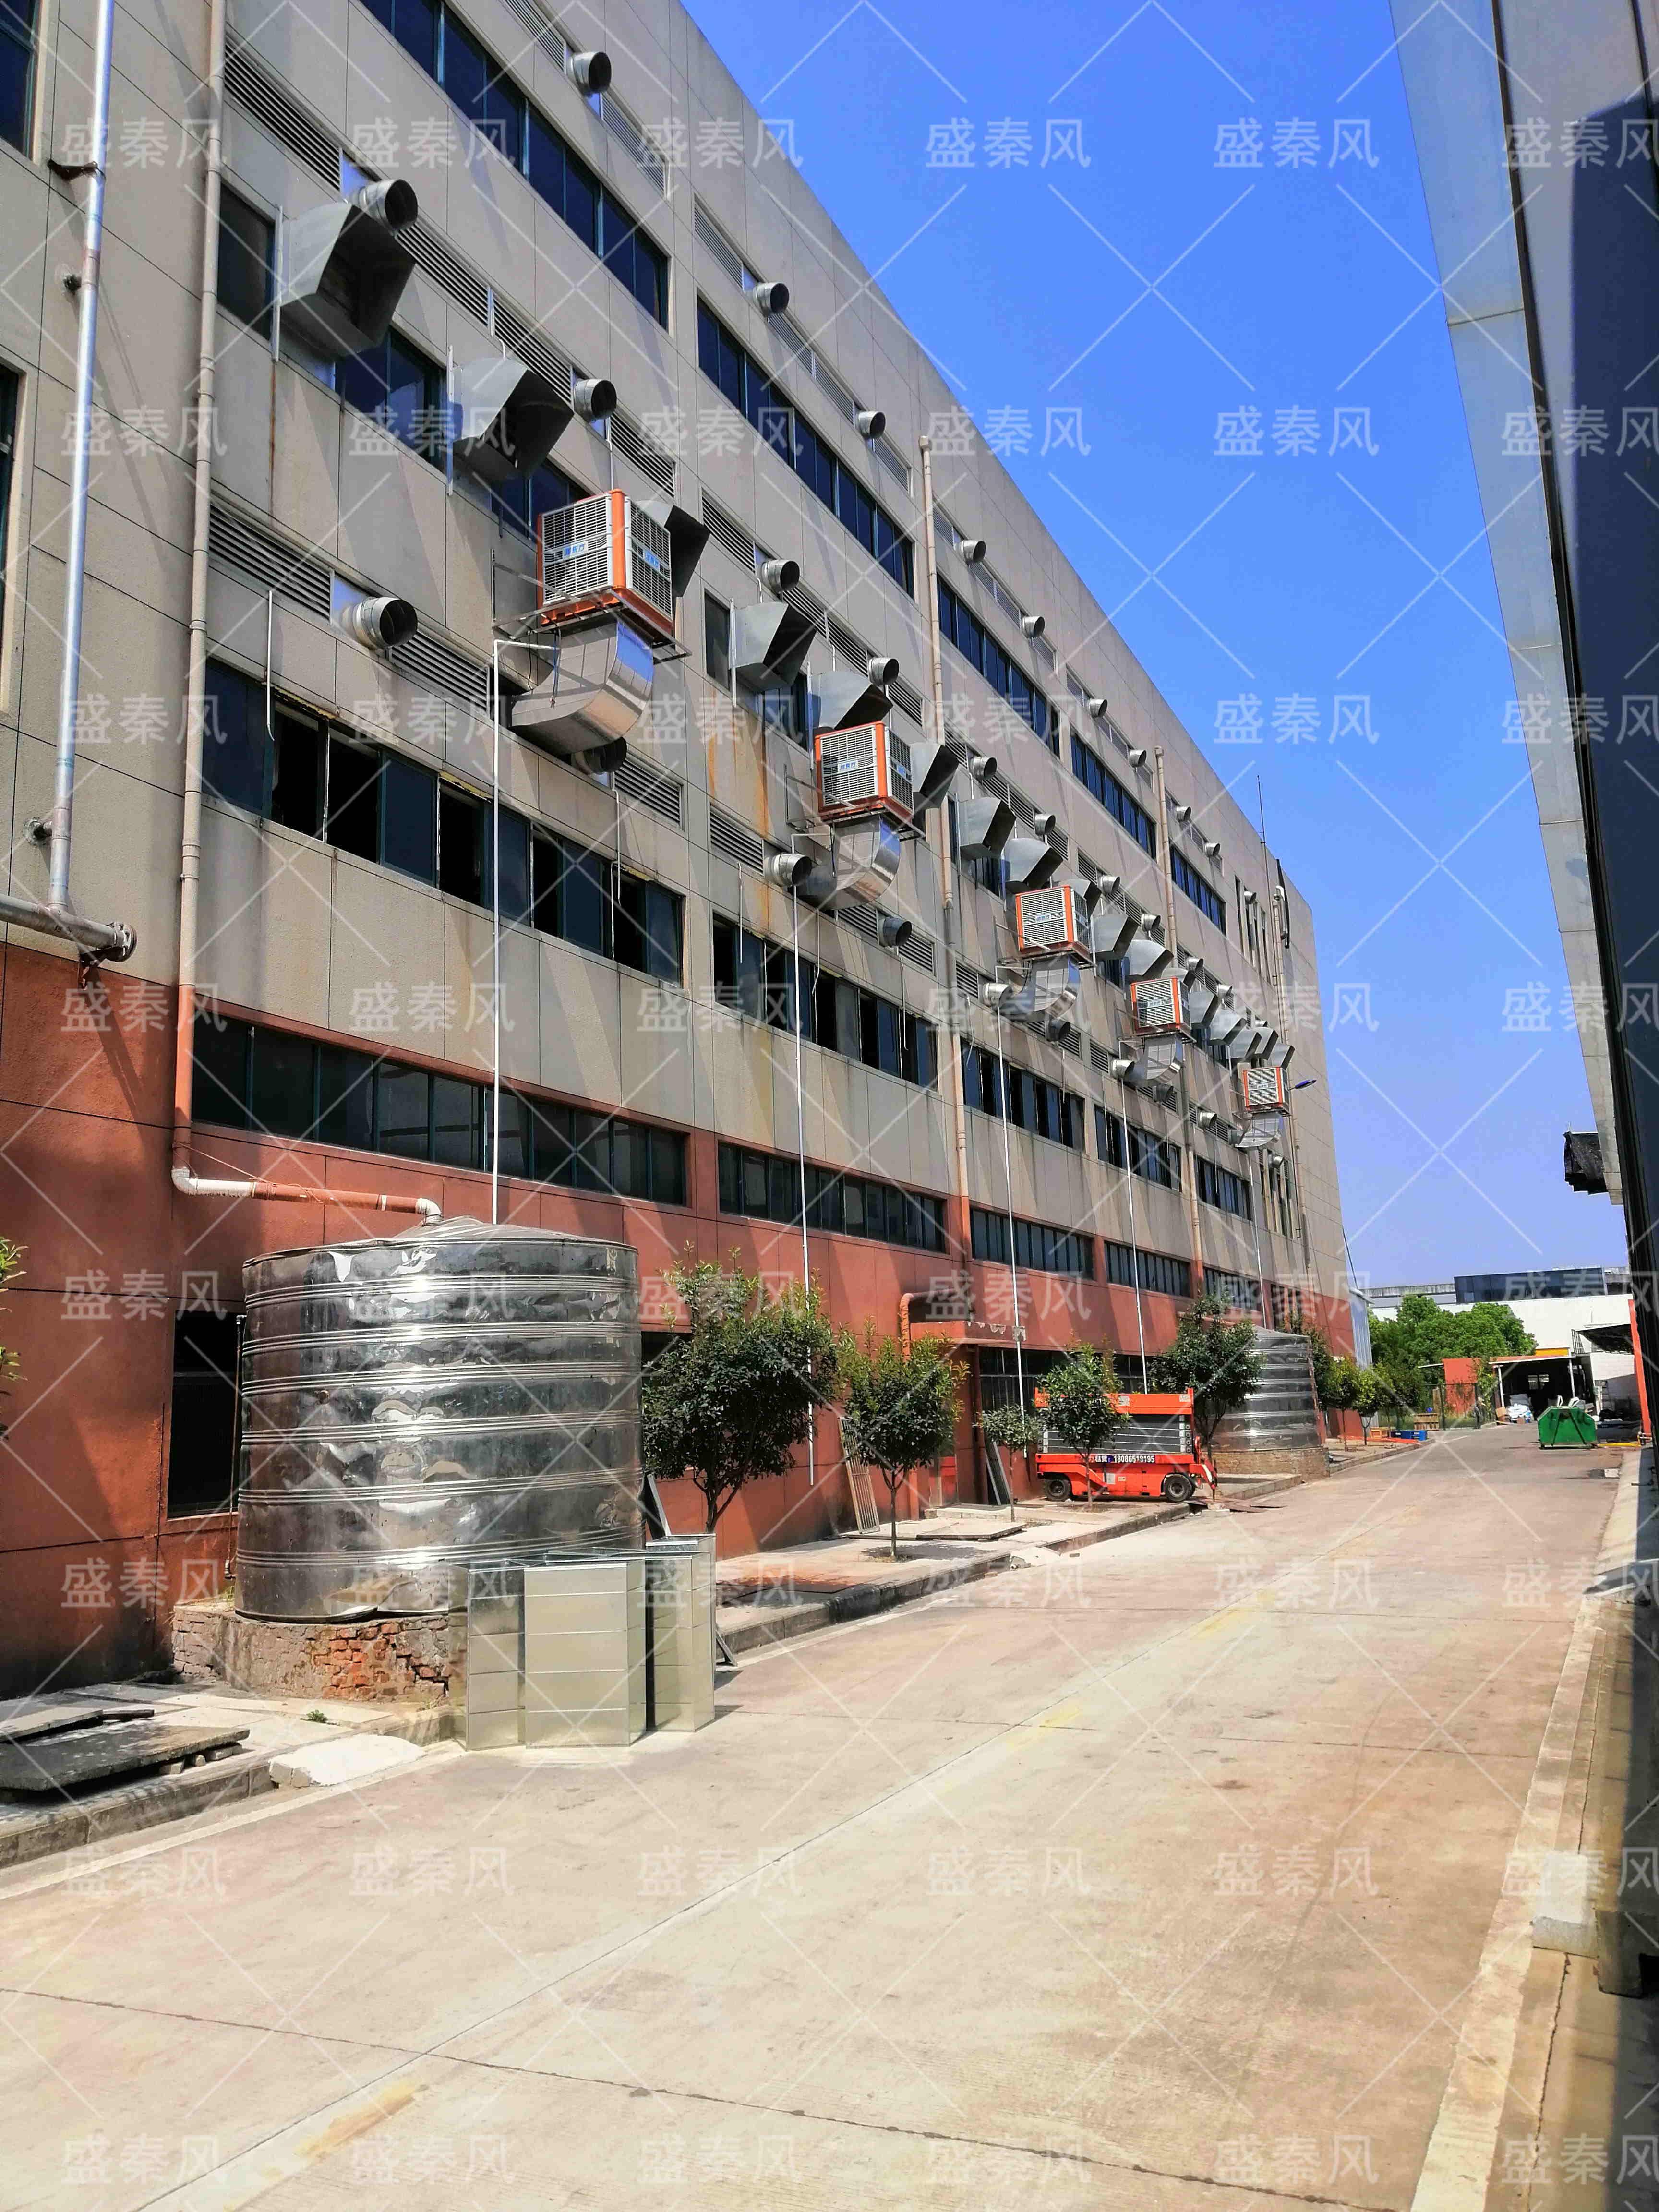 武汉某食品有限公司的通风竞博jbo首页工程案例